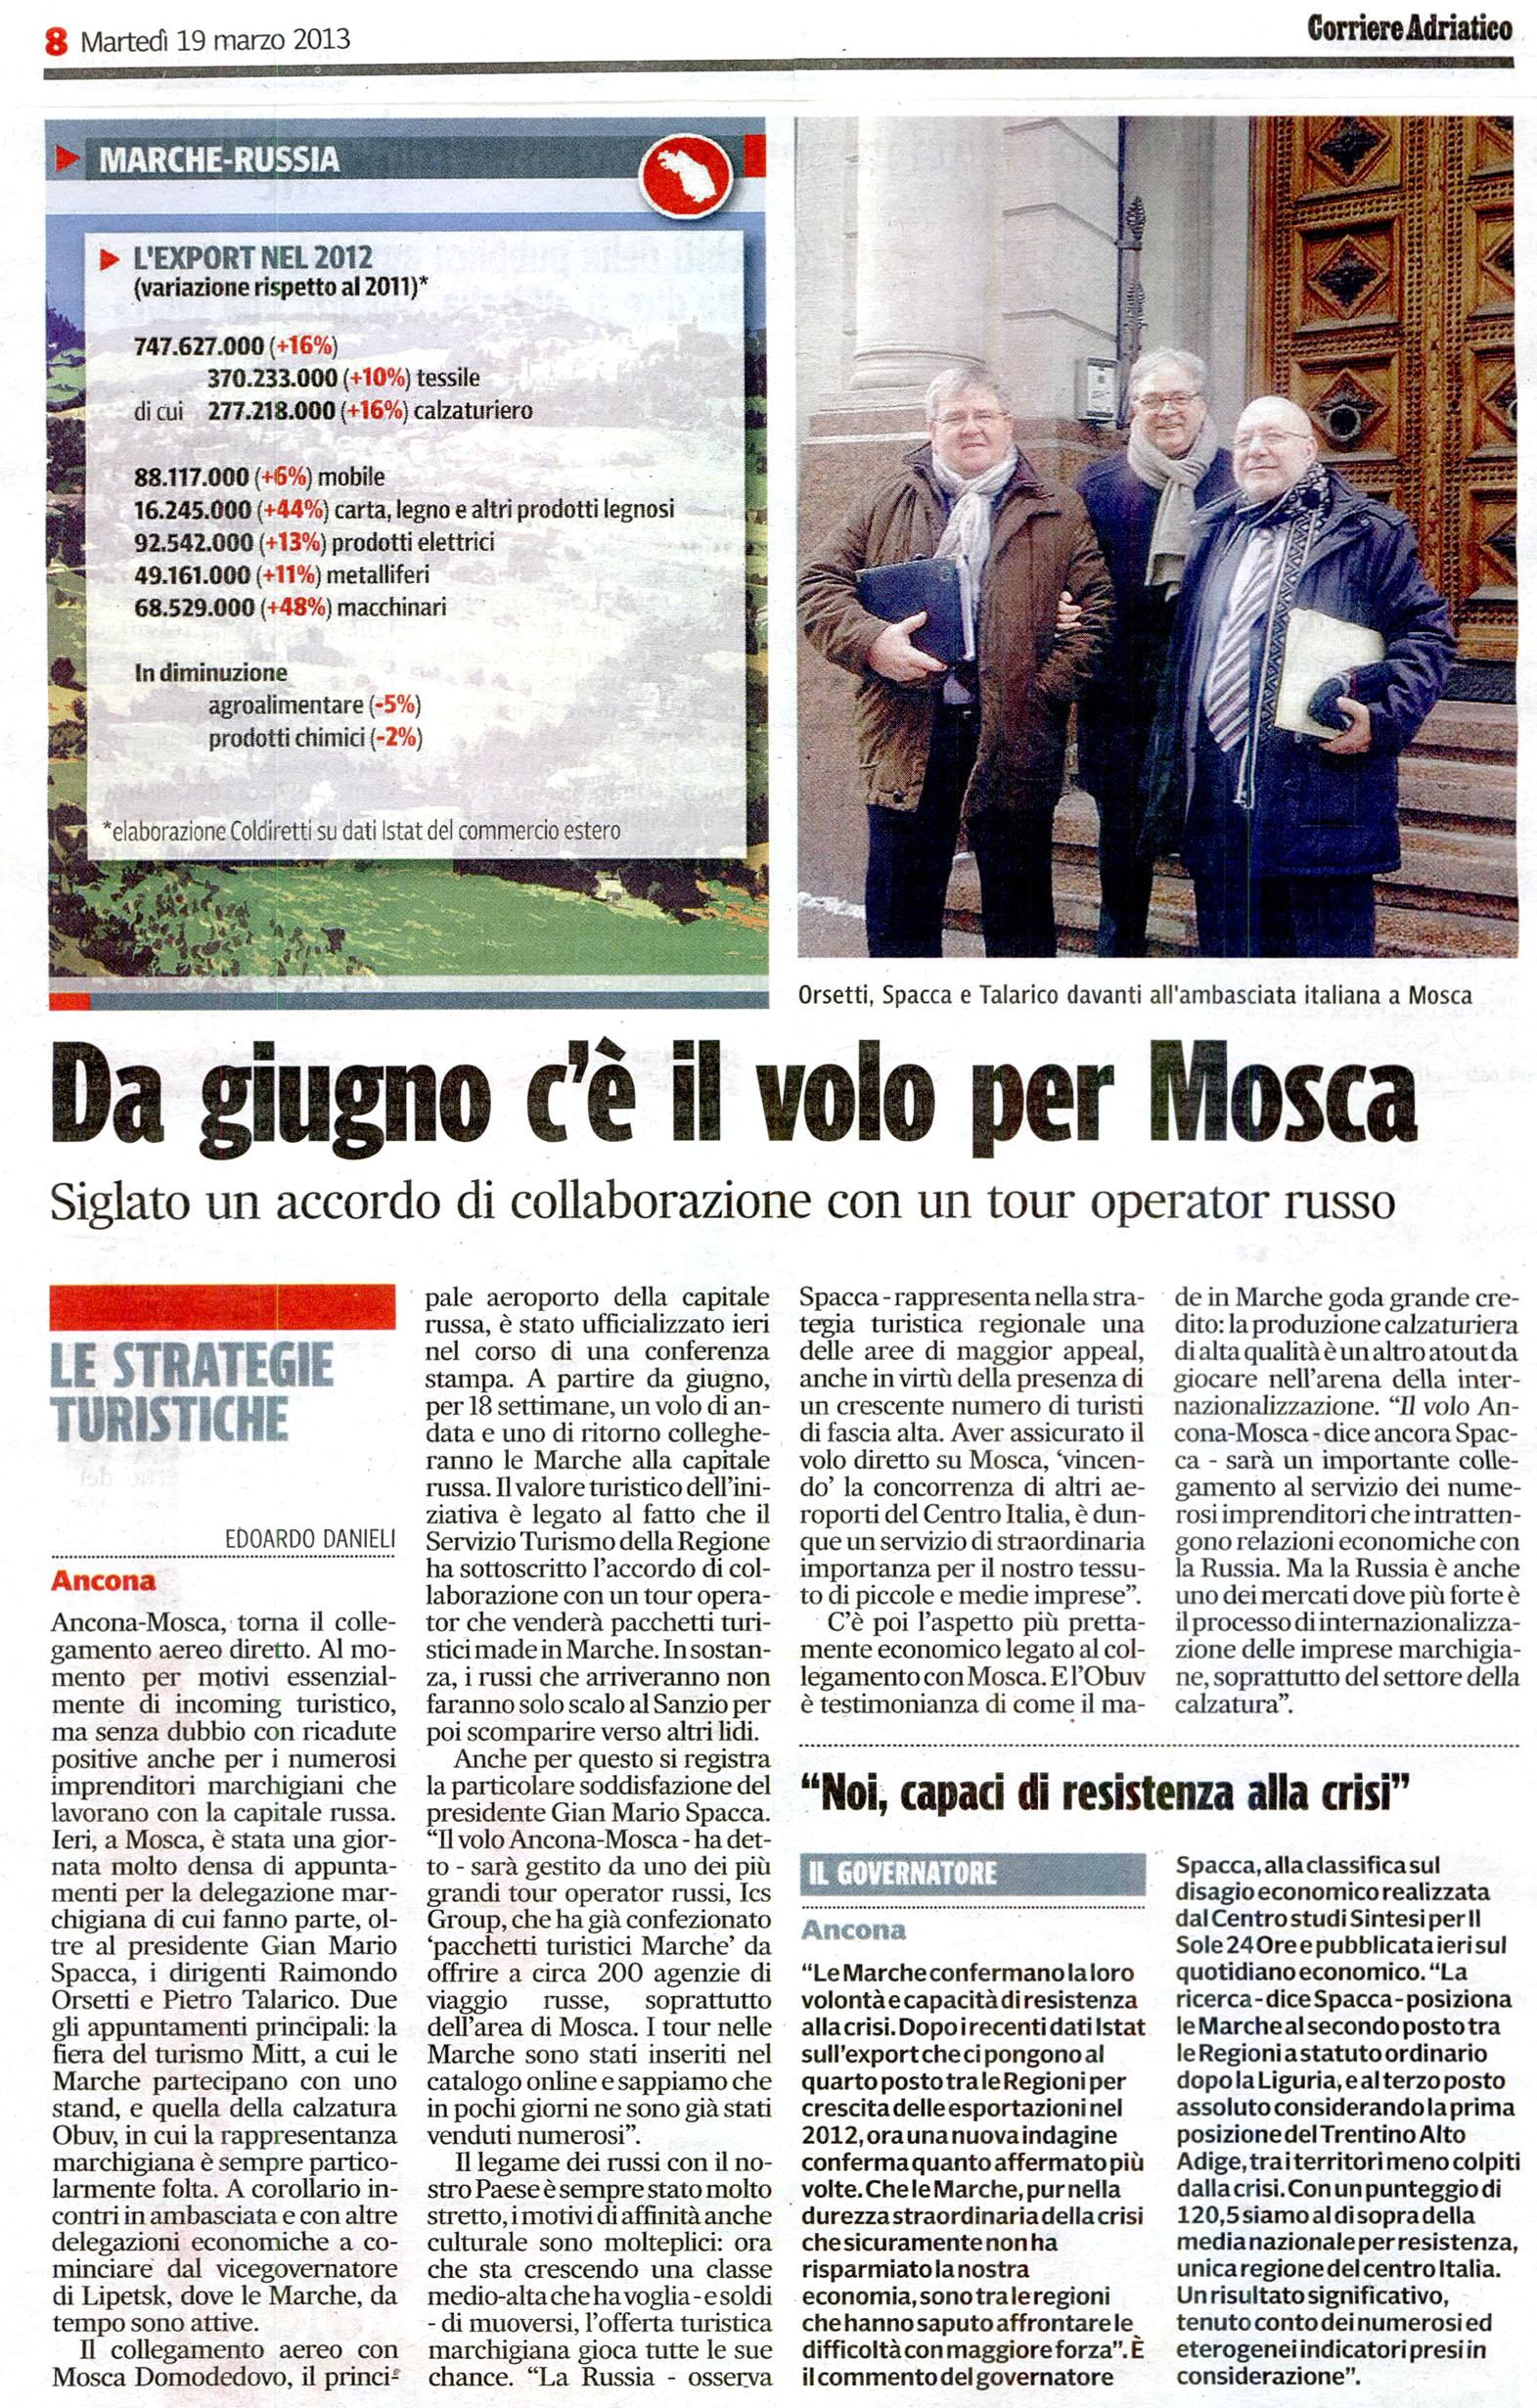 Ancona - La Federazione Russa e Le Marche finalmente collegate per via aerea